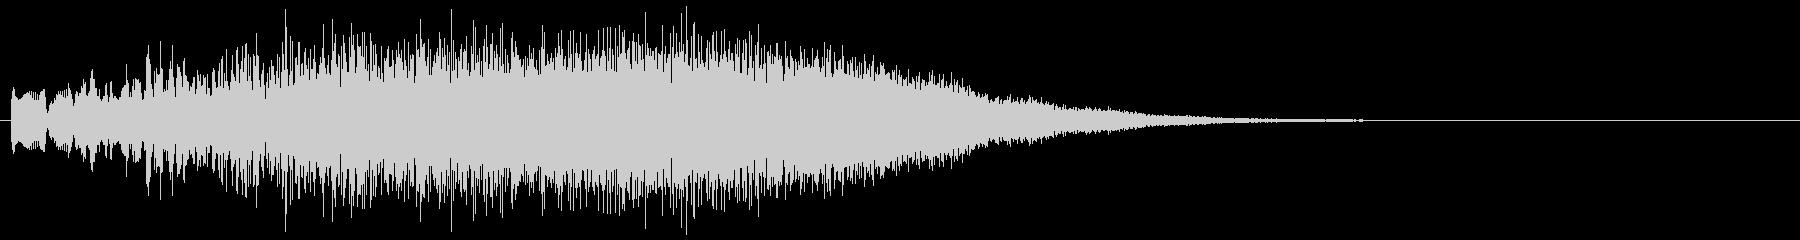 ポワワン↑(パワー・エネルギーチャージ)の未再生の波形